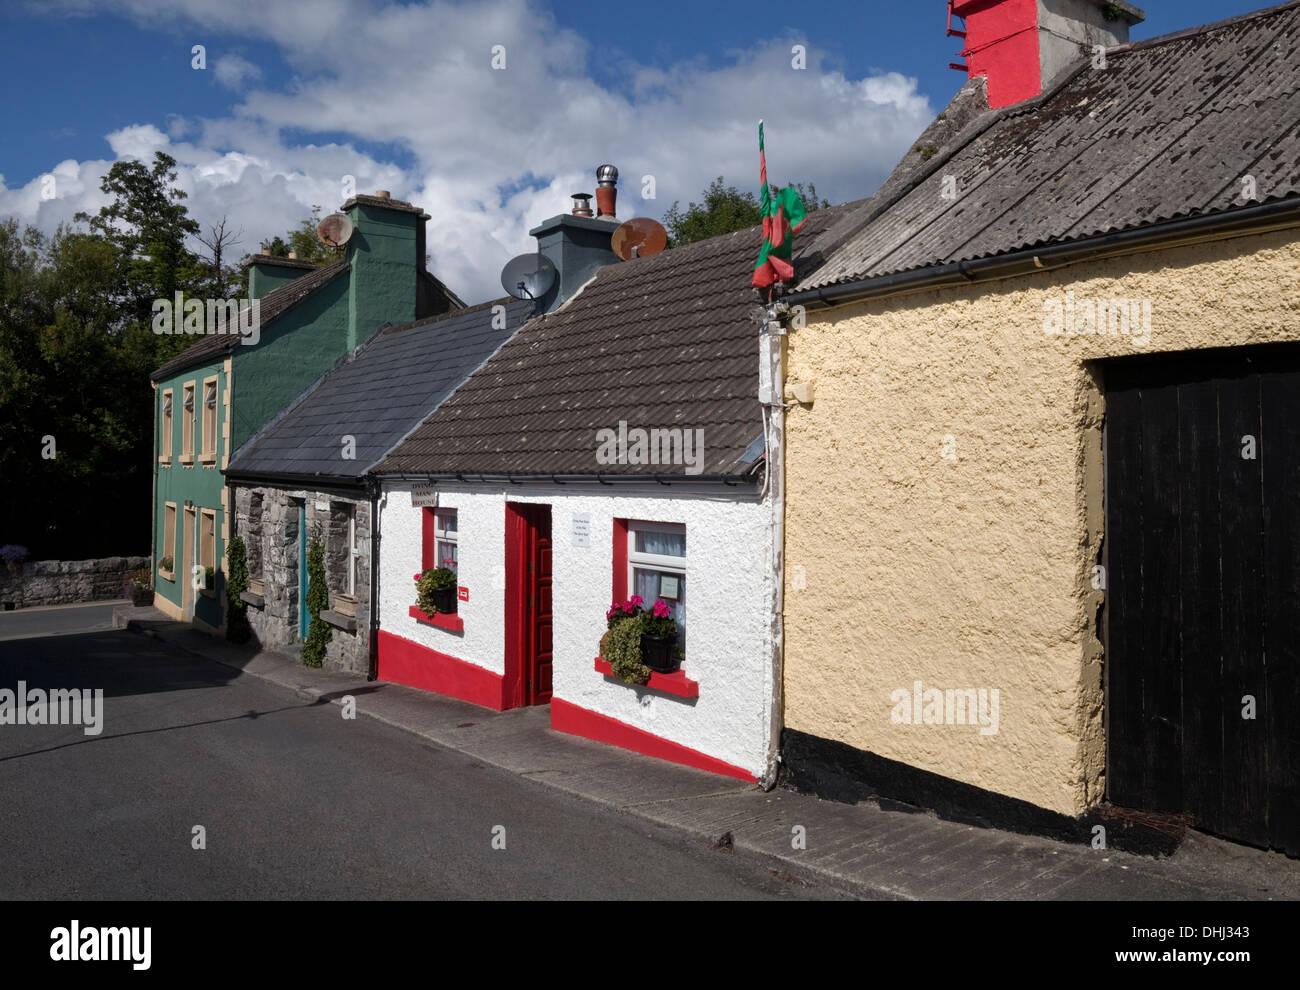 El hombre 'Dying House' Desde 'El hombre tranquilo' film, Cong, Condado de Mayo, Irlanda Imagen De Stock